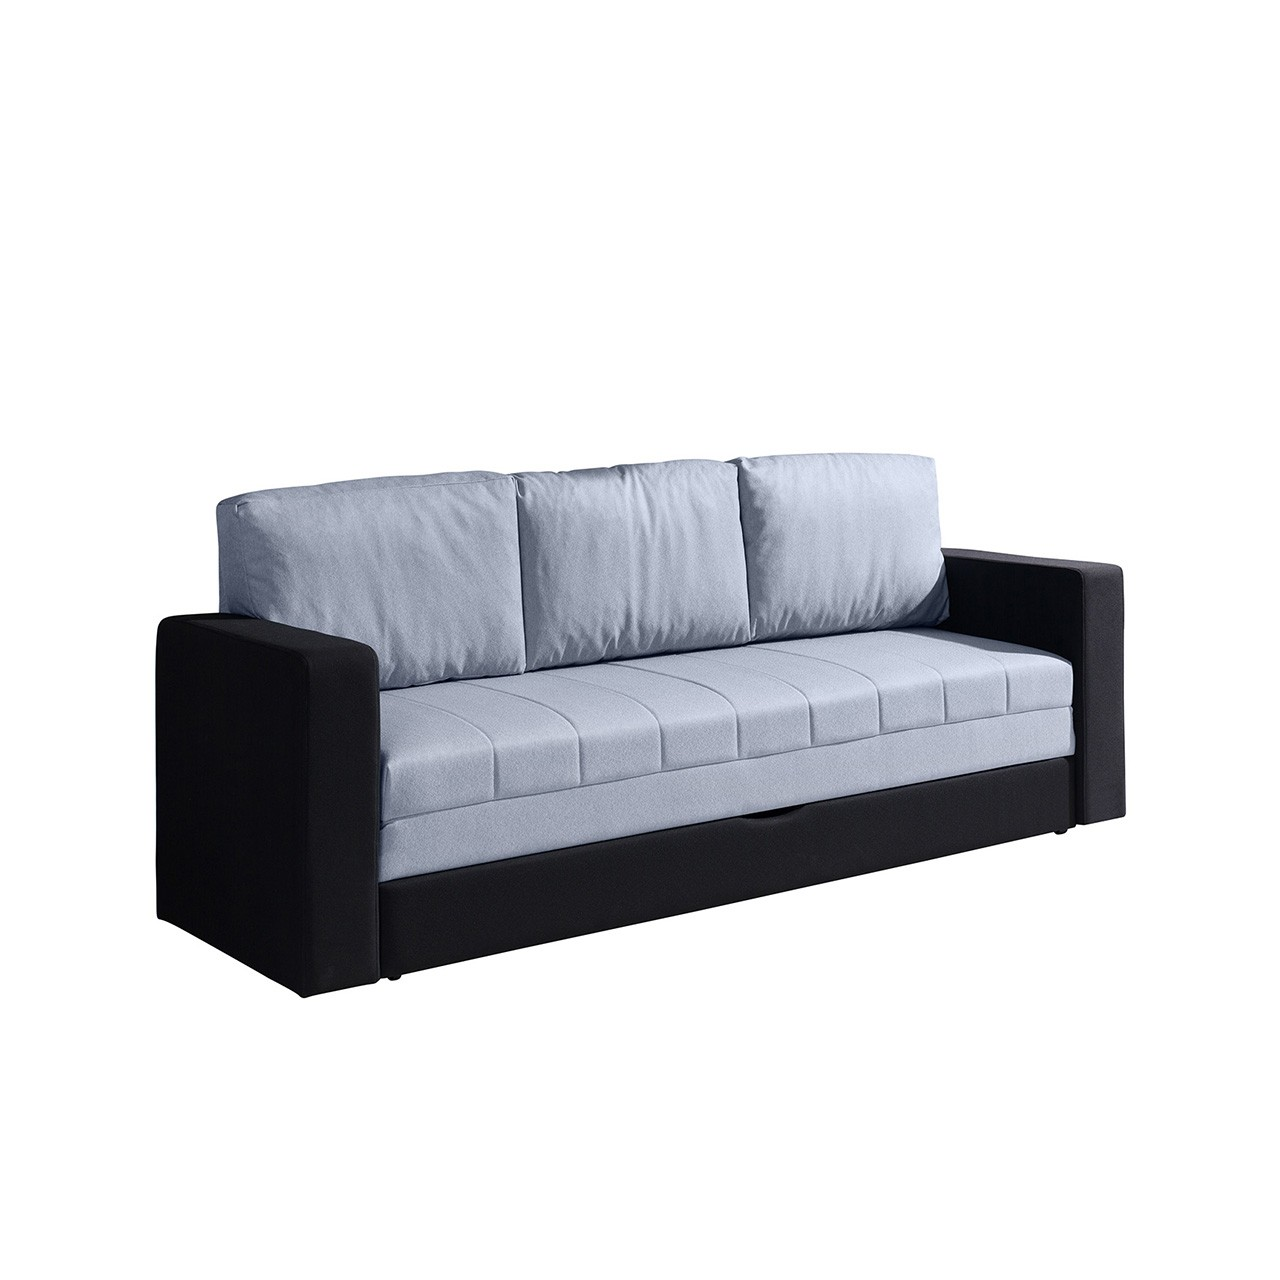 sofa bralani mit schalffunktion und bettkasten mirjan24. Black Bedroom Furniture Sets. Home Design Ideas